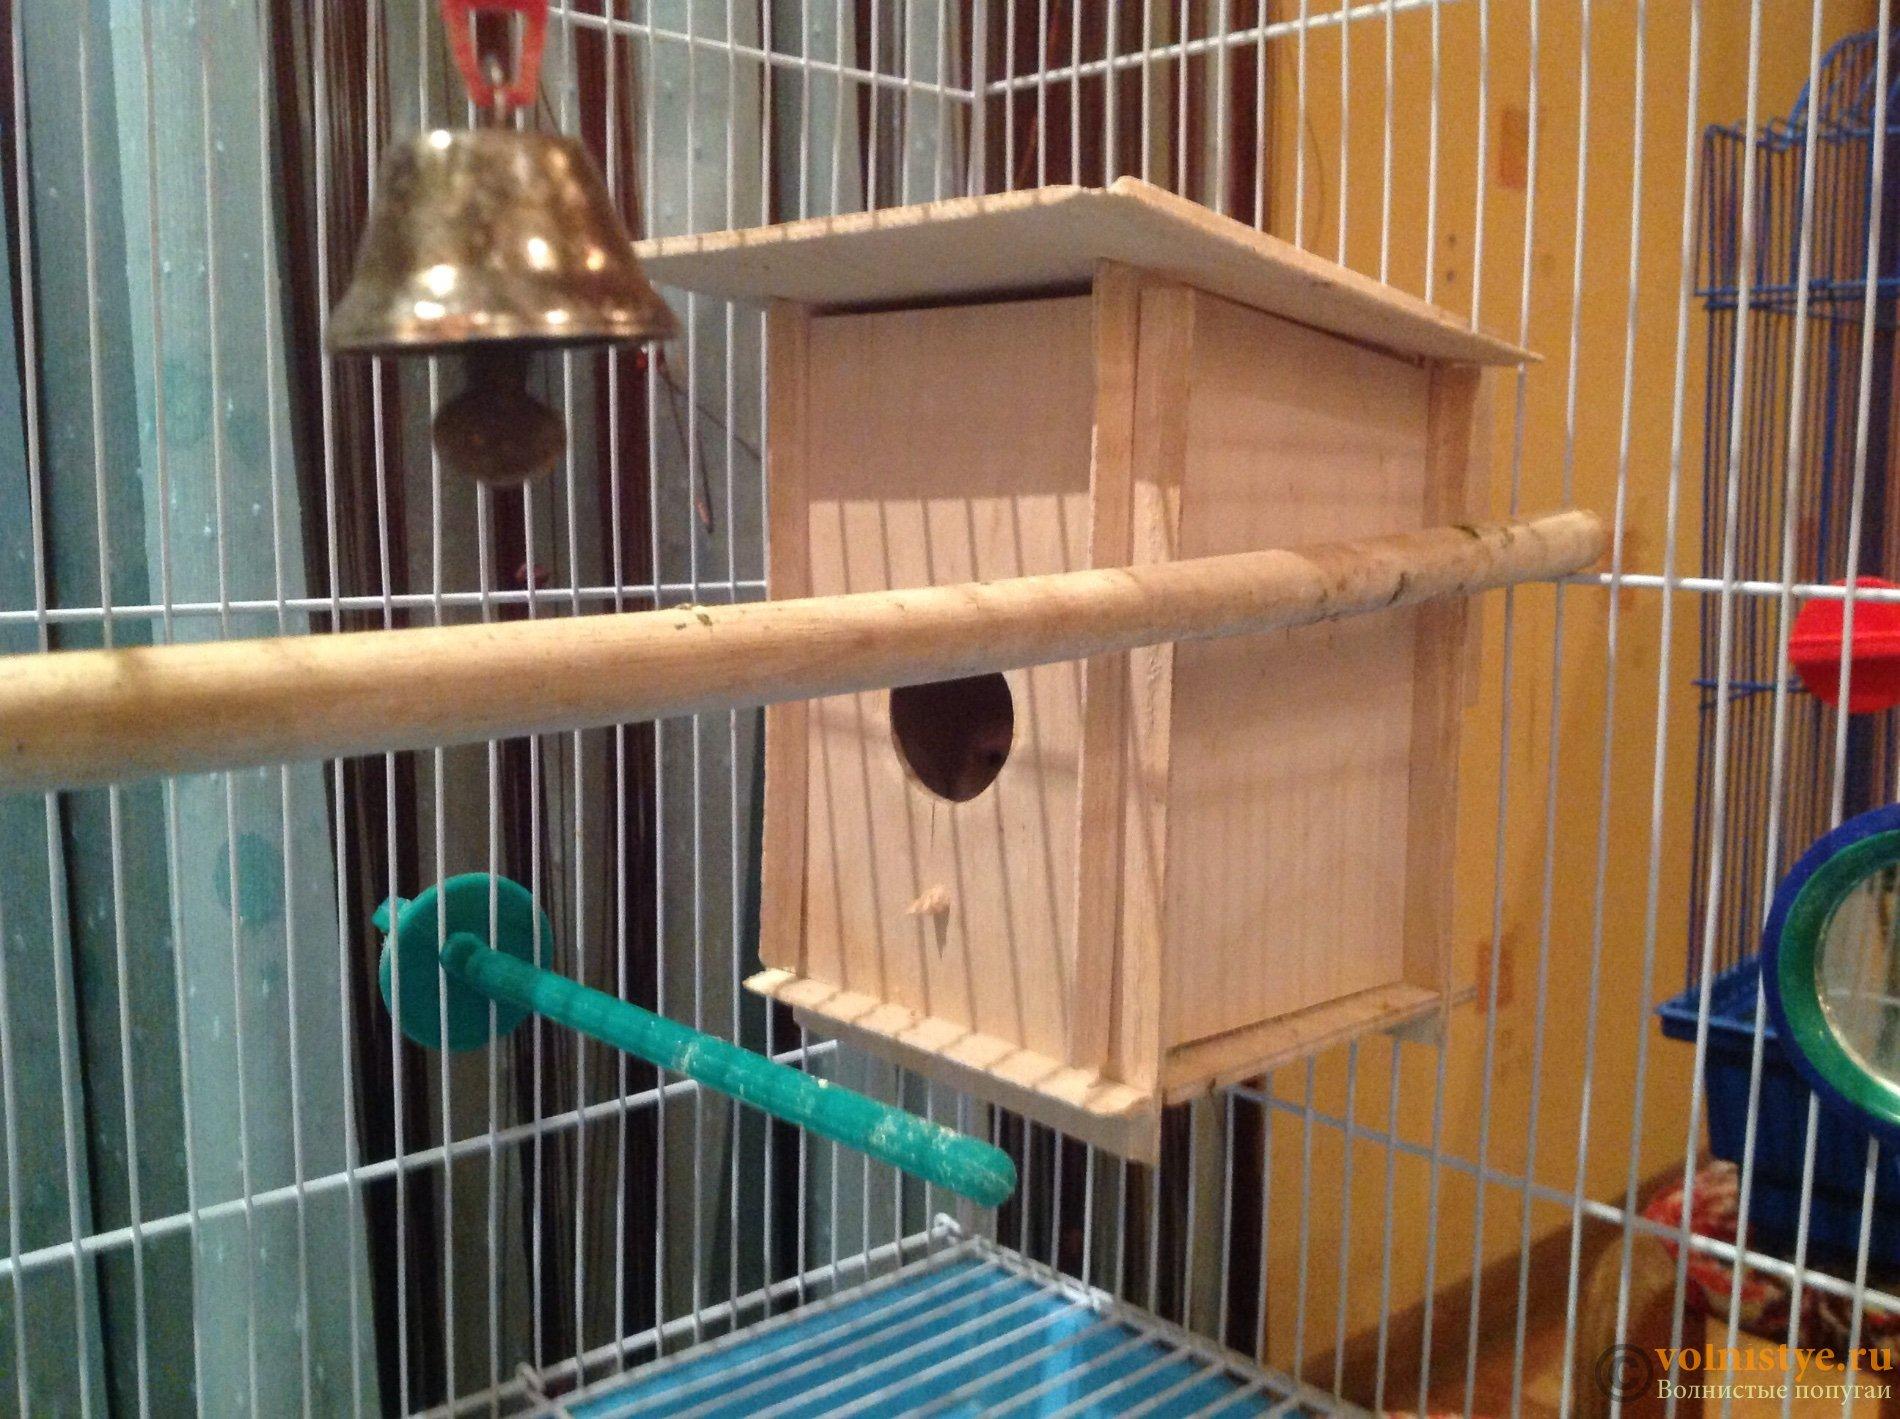 Волнистые попугаи размножение в домашних условиях 10